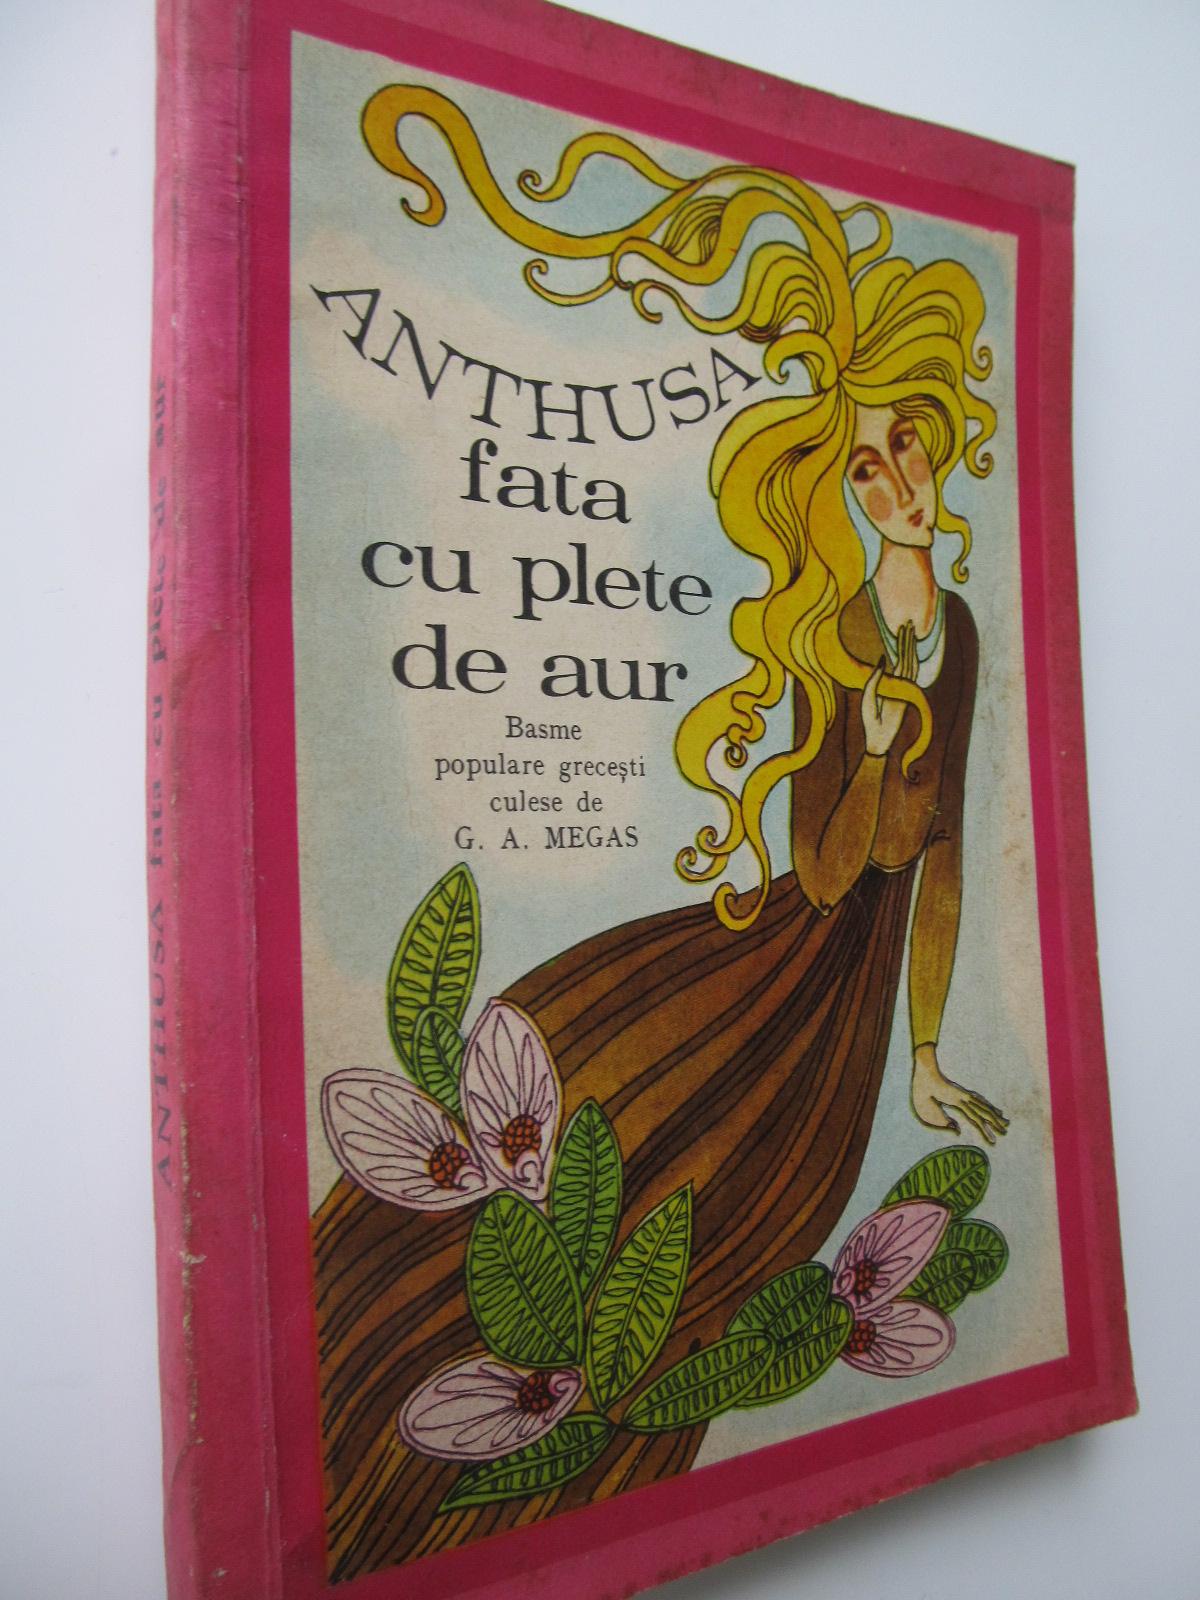 Anthusa fata cu plete de aur (Basme populare grecesti) - *** | Detalii carte